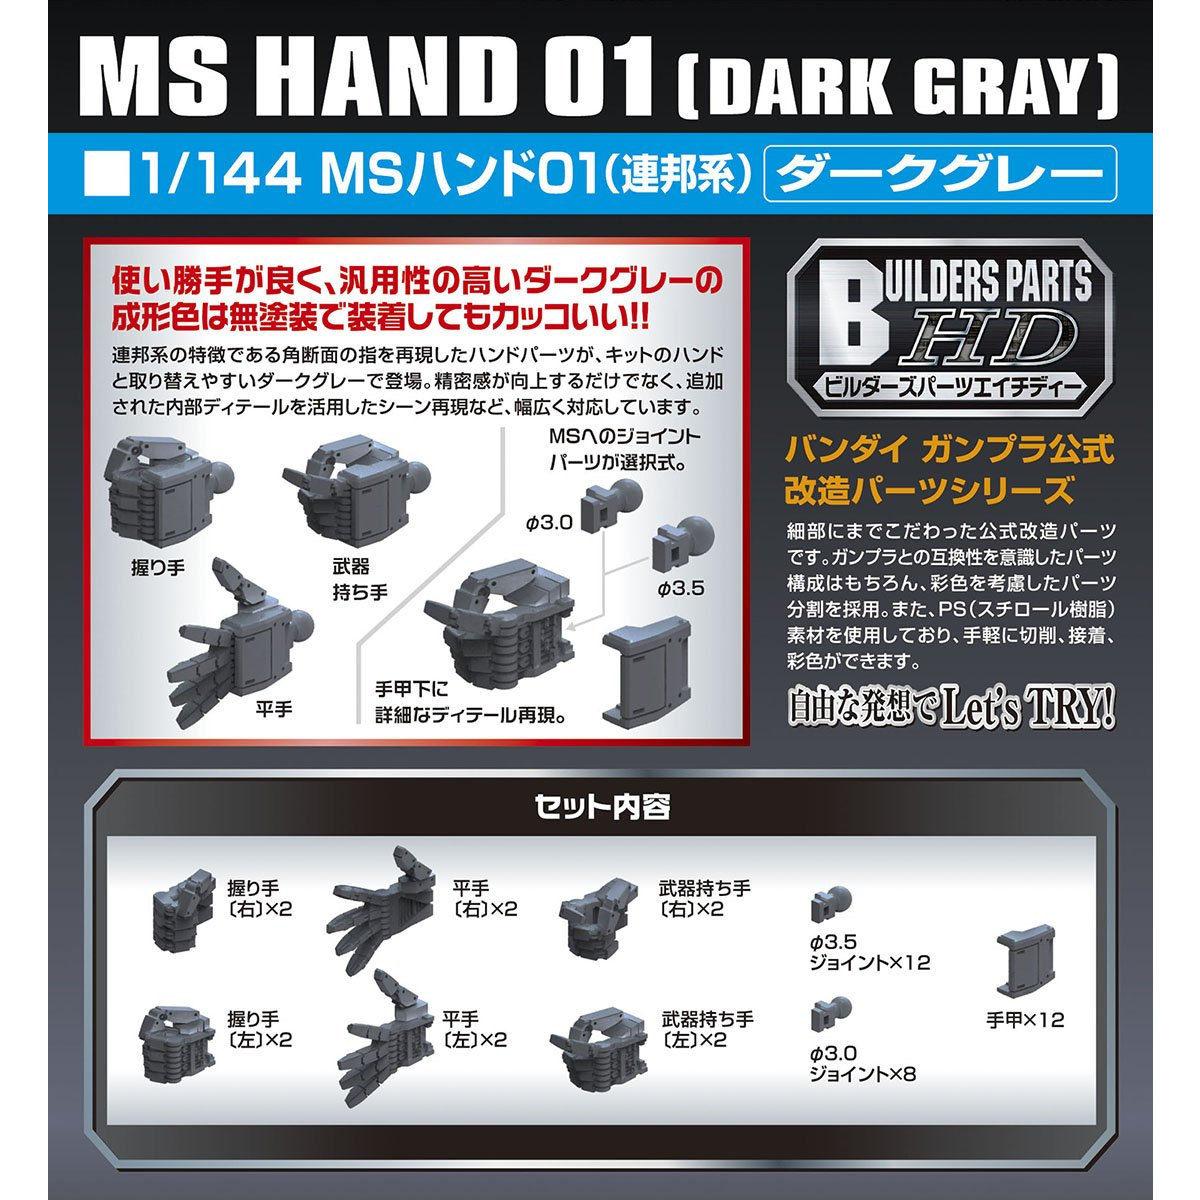 ビルダーズパーツHD 1/144 MSハンド01(連邦系)ダークグレー